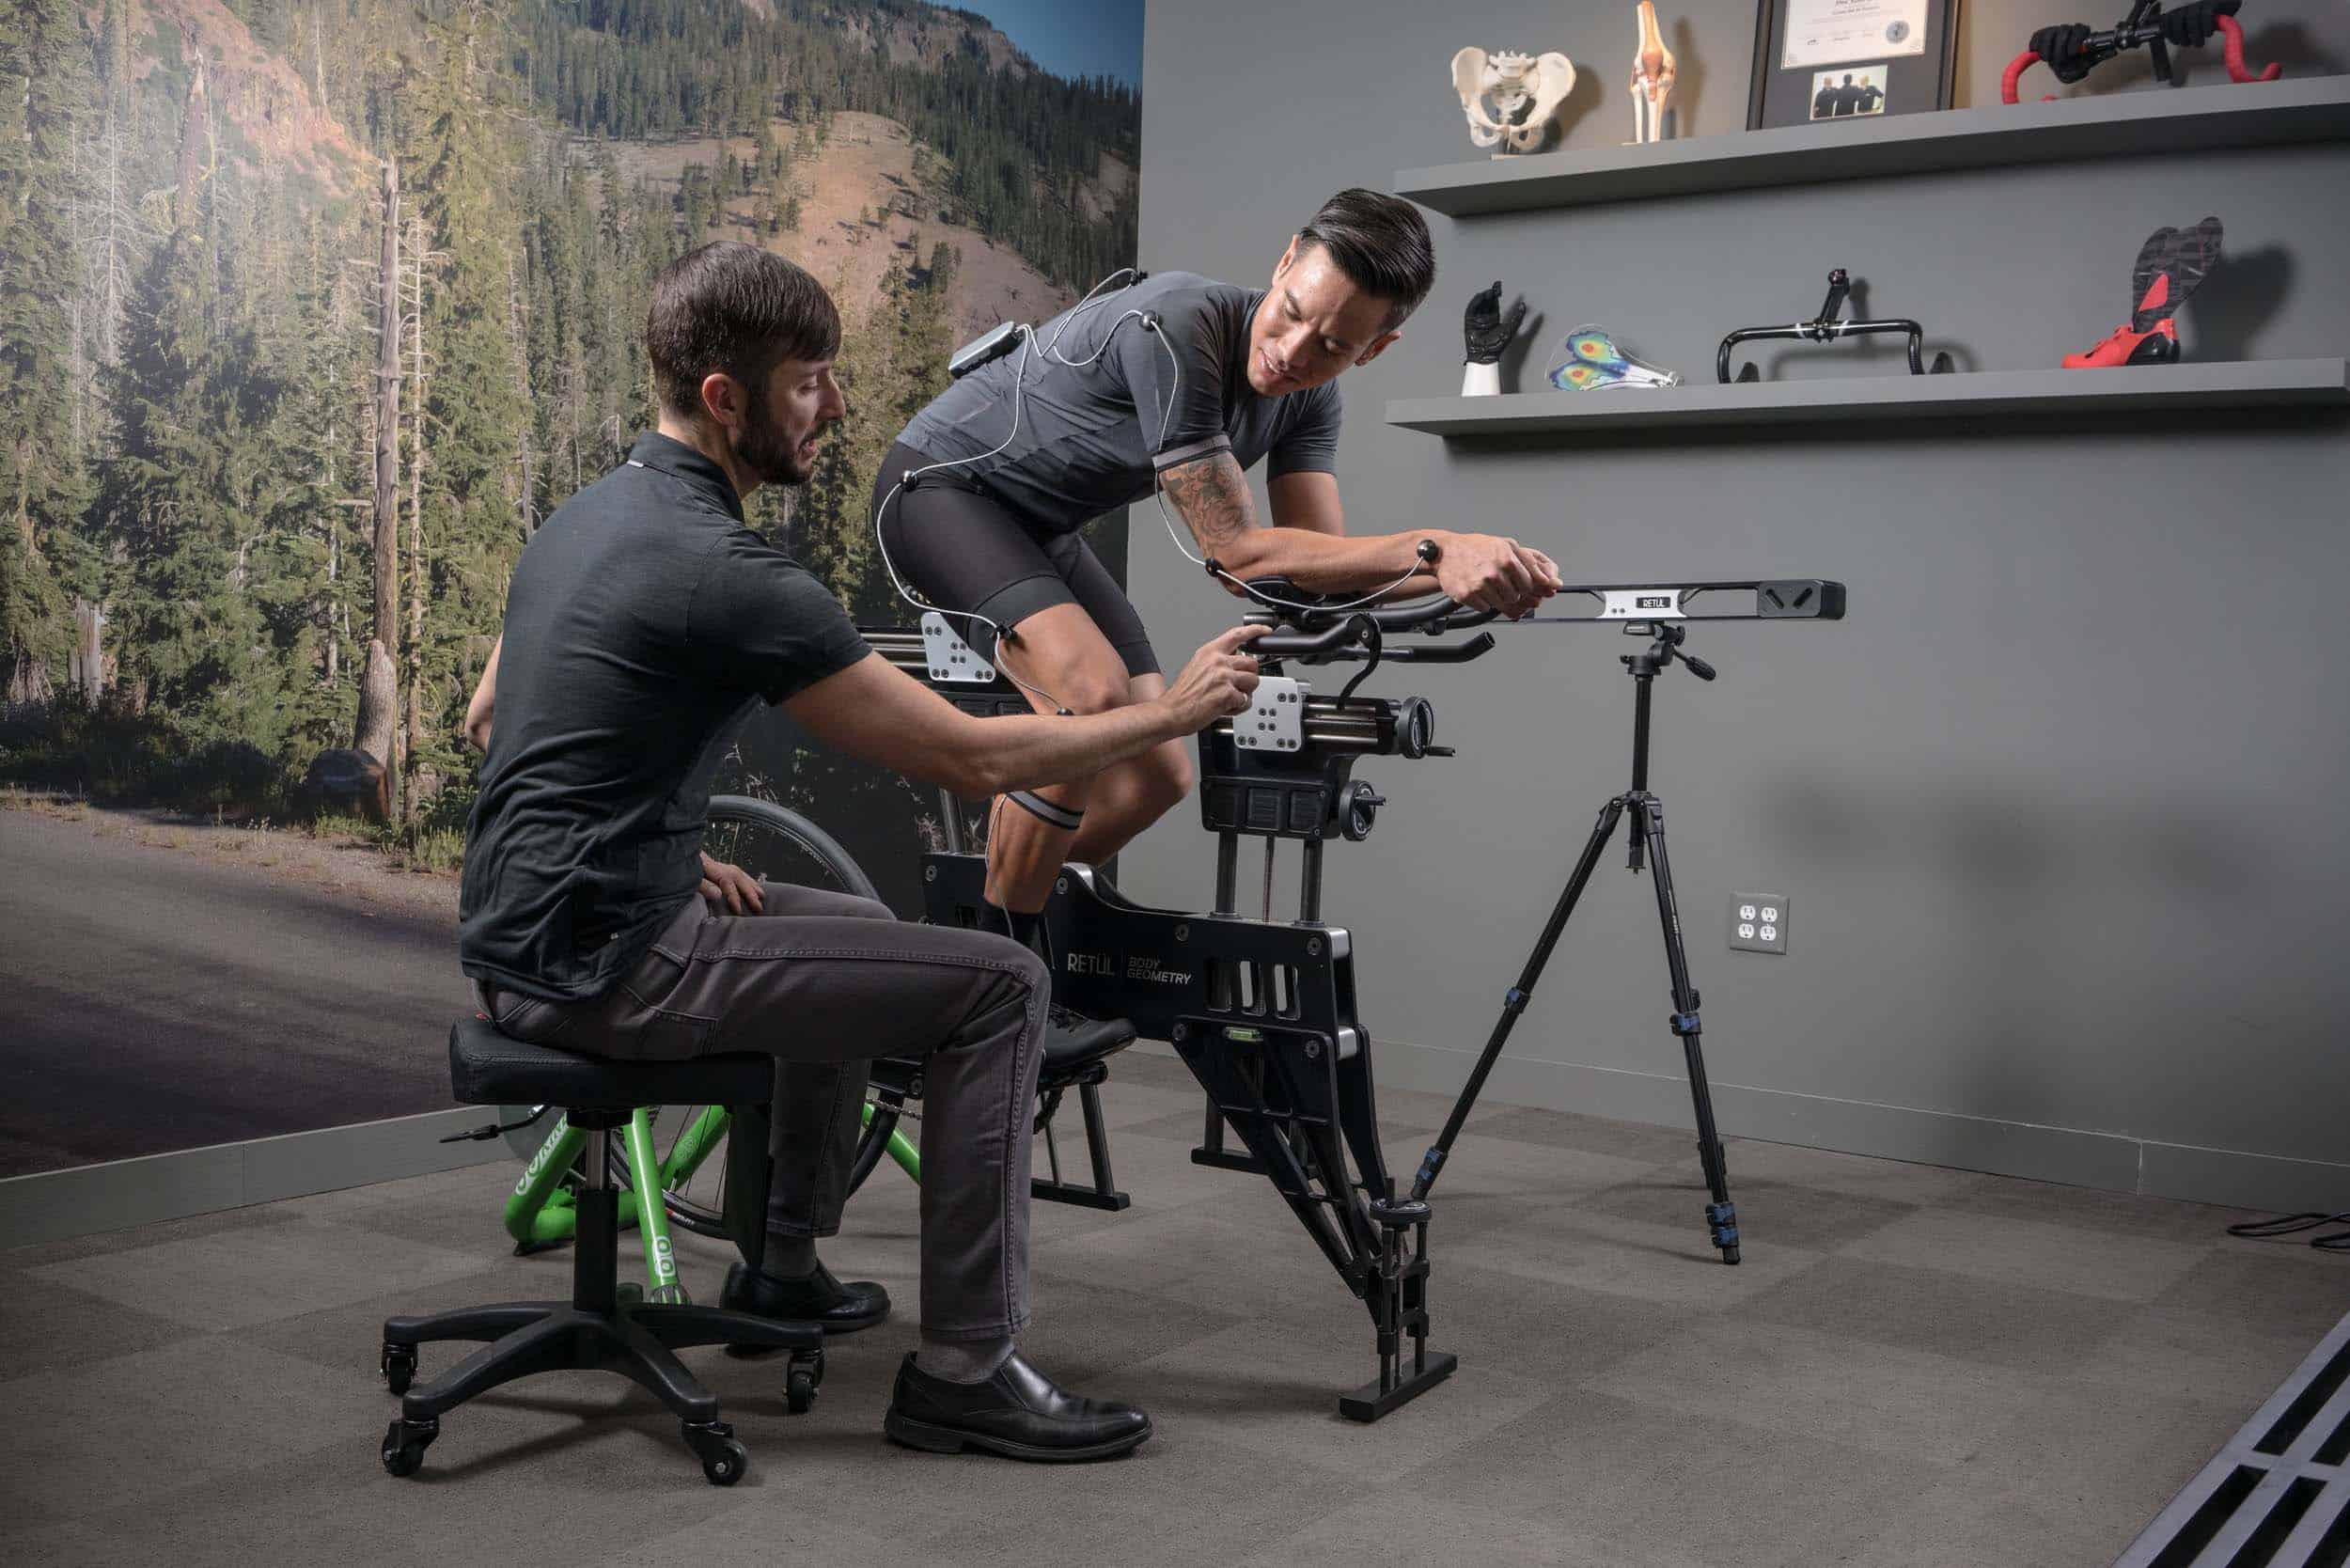 3D Retül Bike Fit